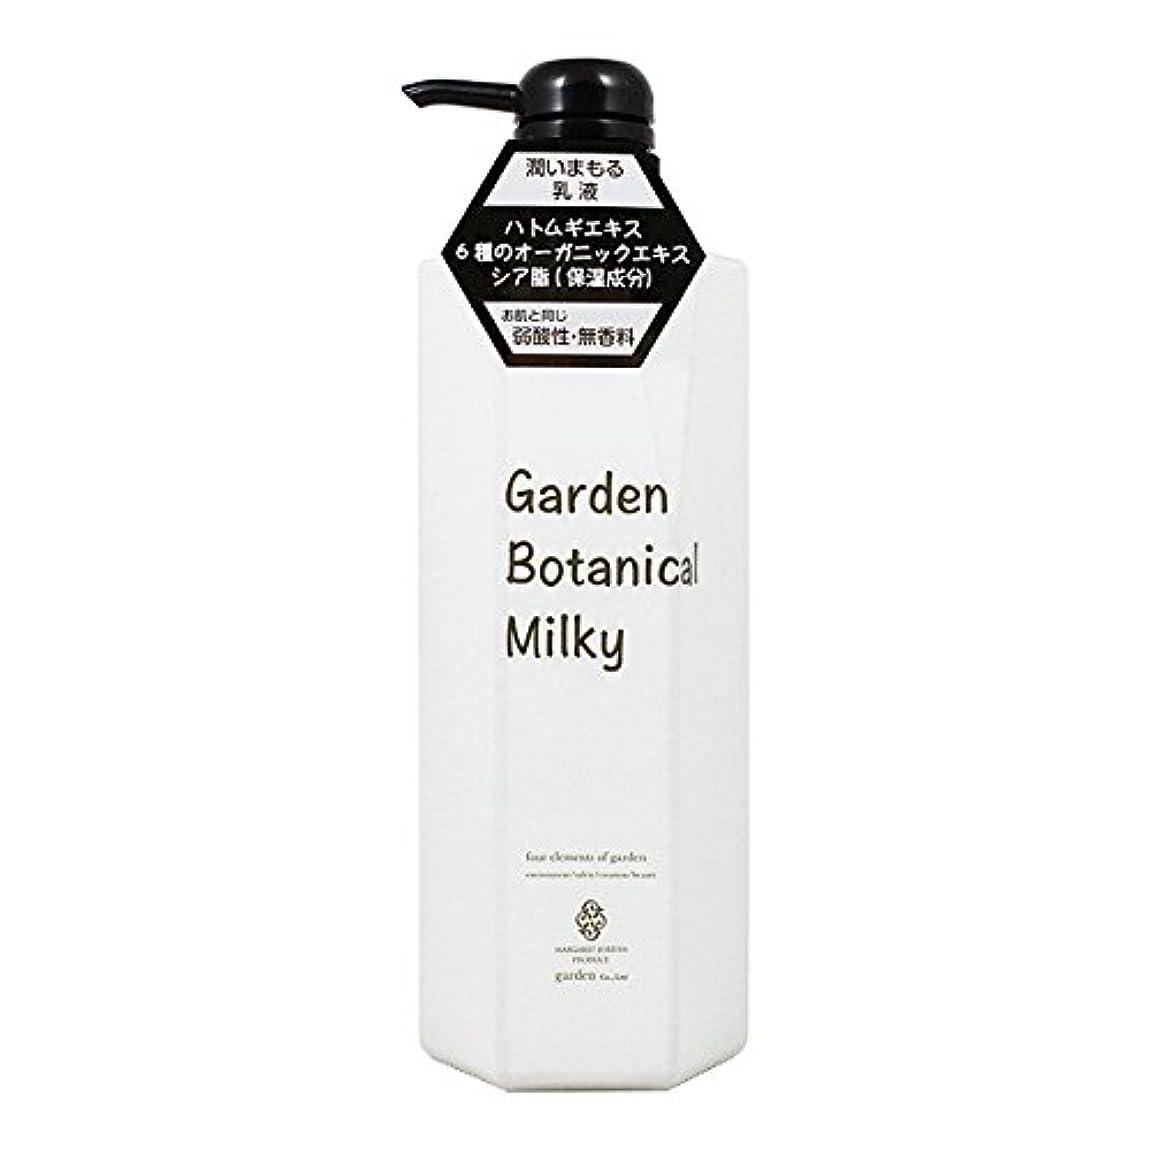 ガーデン ガーデン ボタニカルミルキー 600ml